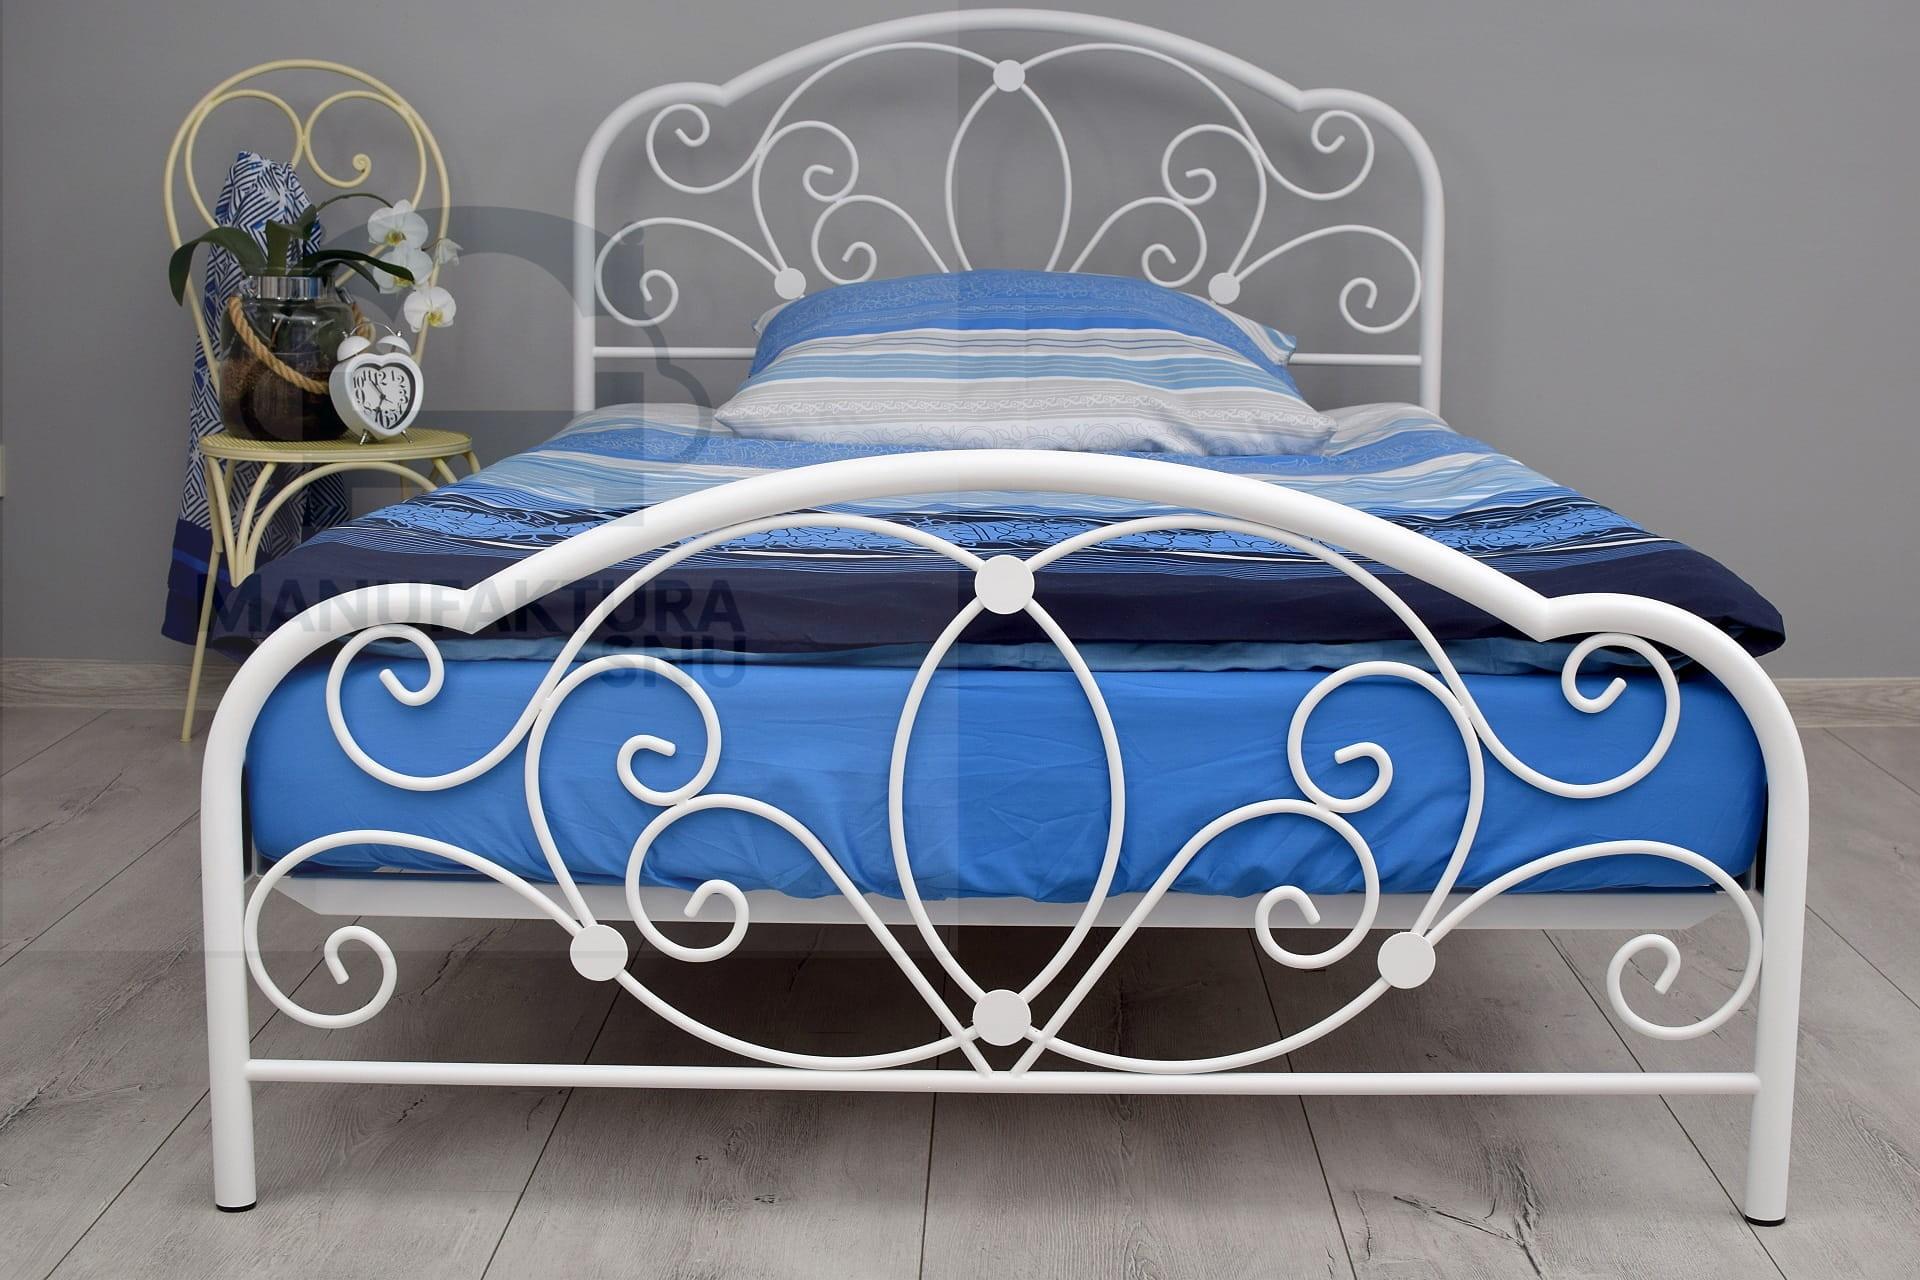 Pojedyncze łóżko Metalowe Glamour W Rozmiarze 120x200 Cm